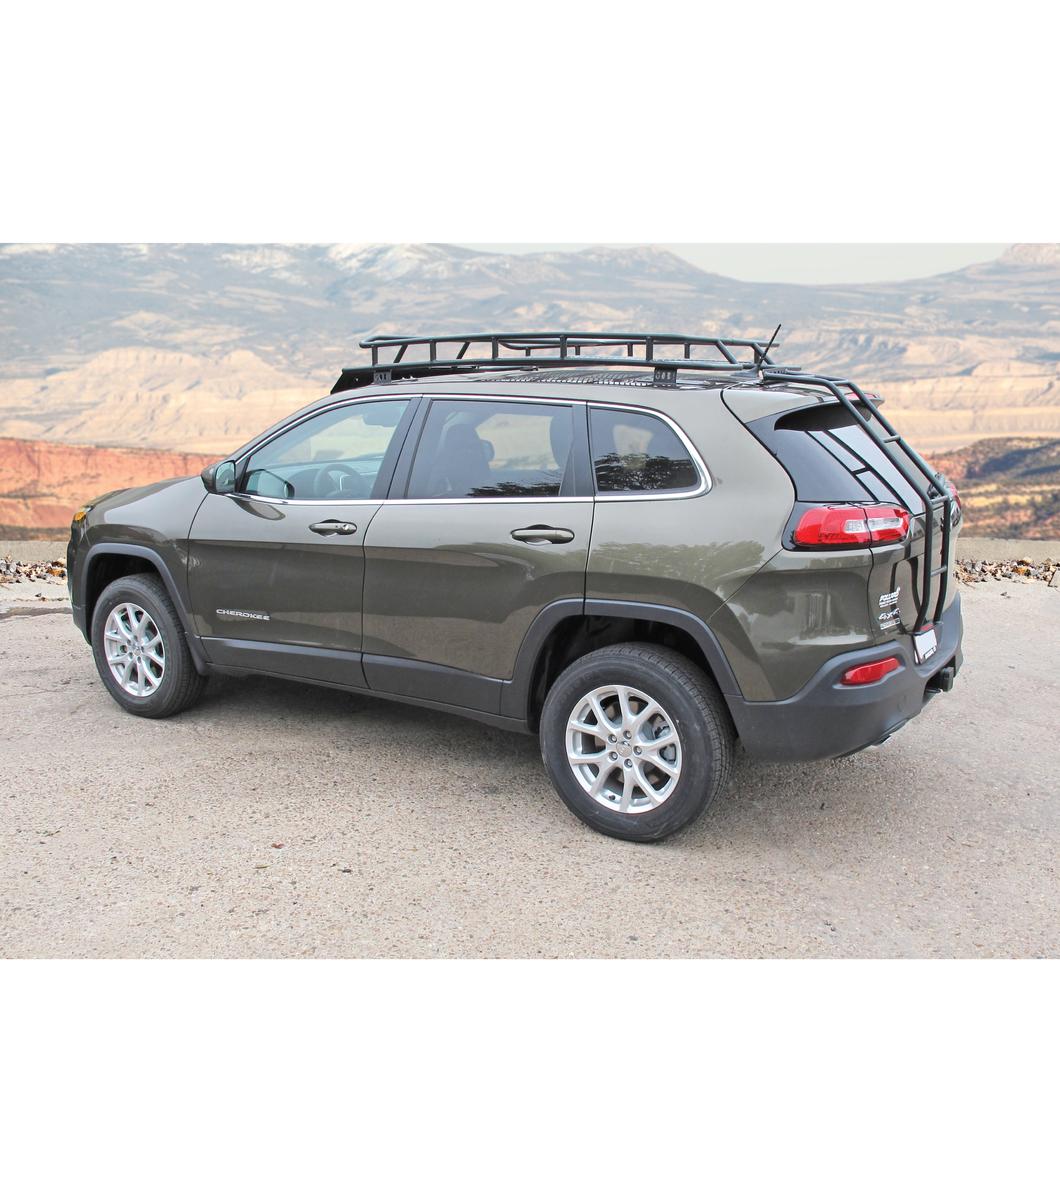 Jeep Cherokee Kl 183 Ranger Rack 183 Multi Light Setup 183 With